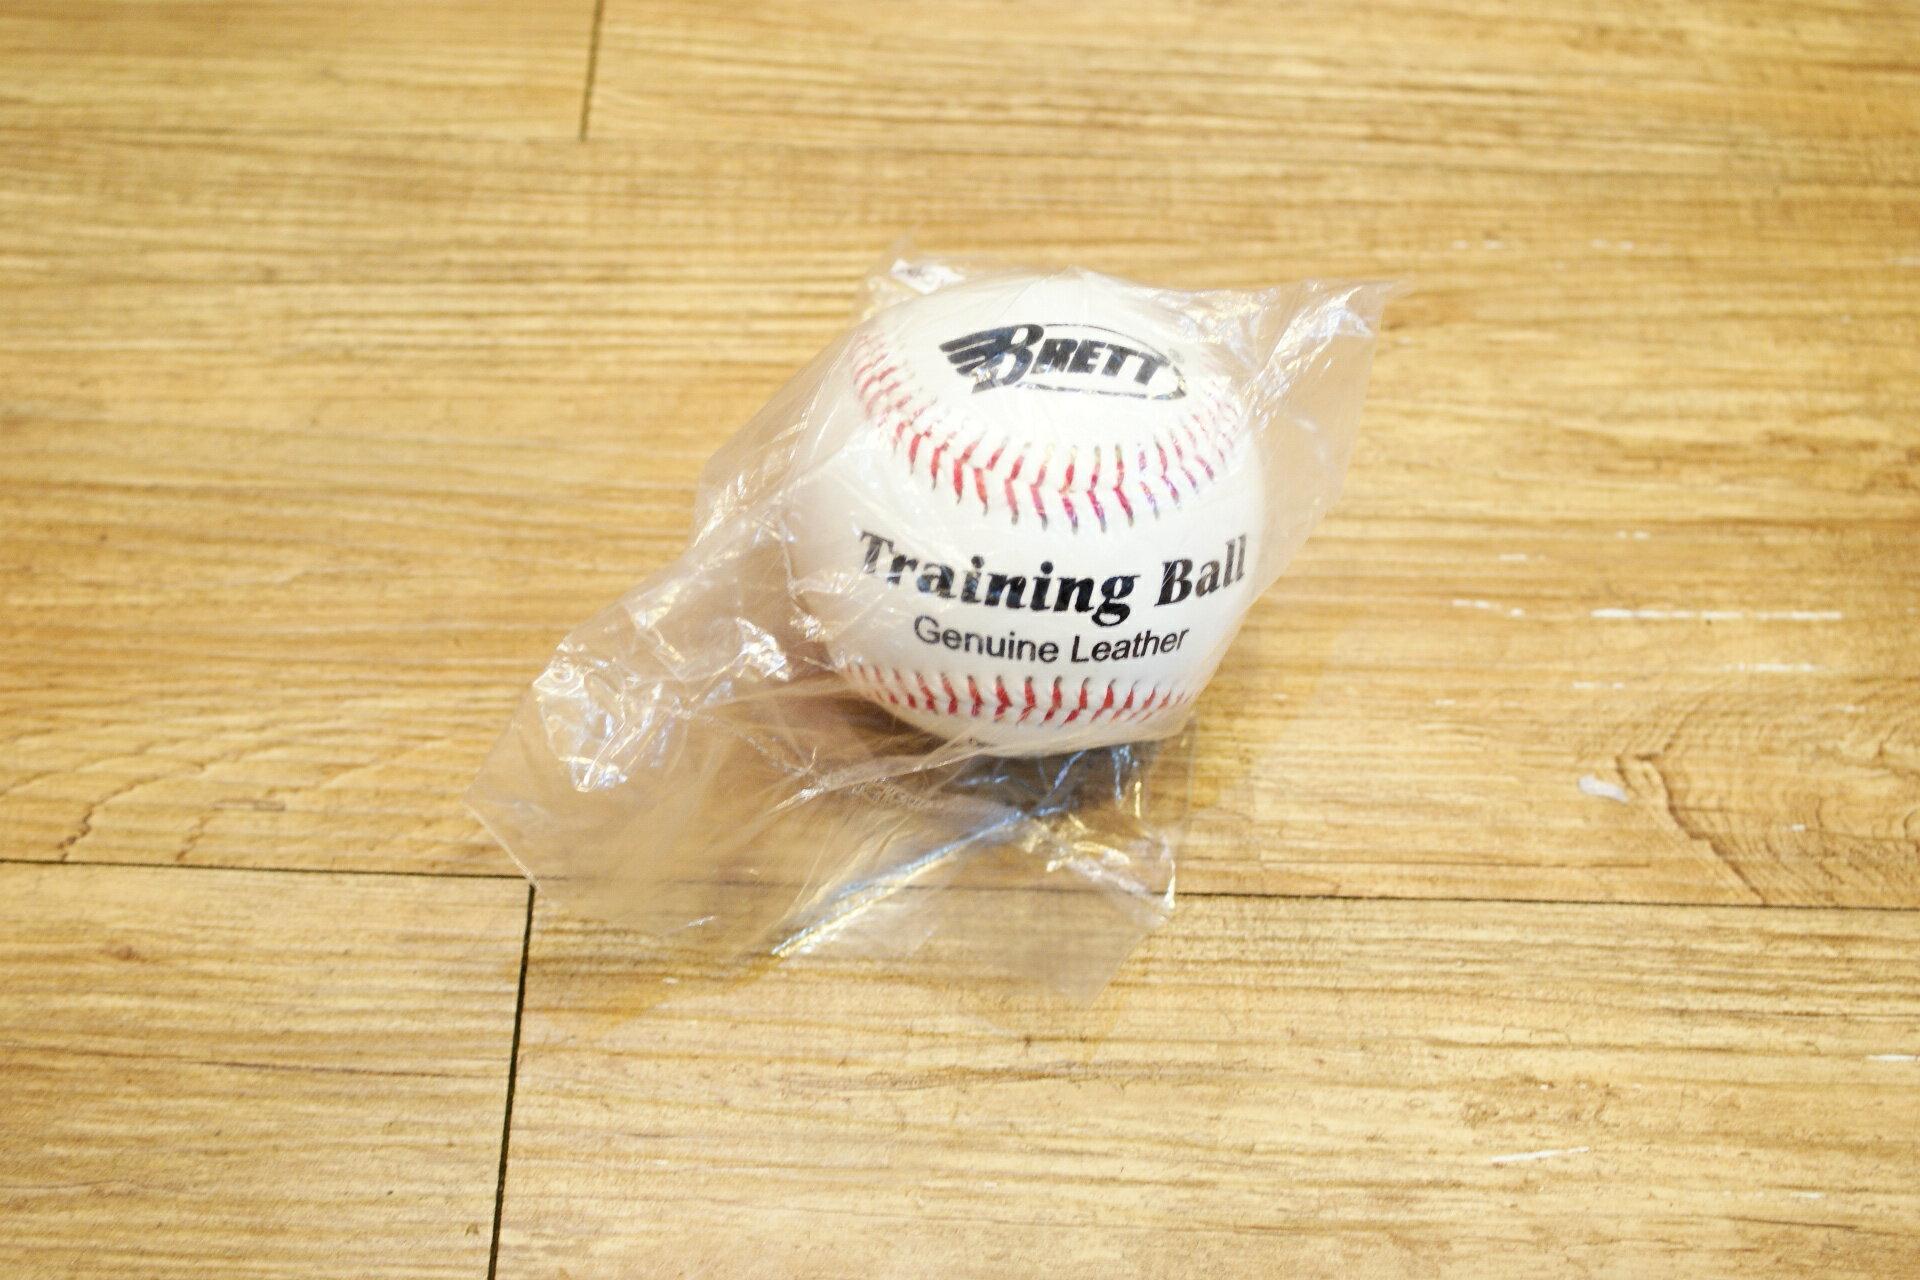 棒球世界全新brett重量訓練球加重球 特價